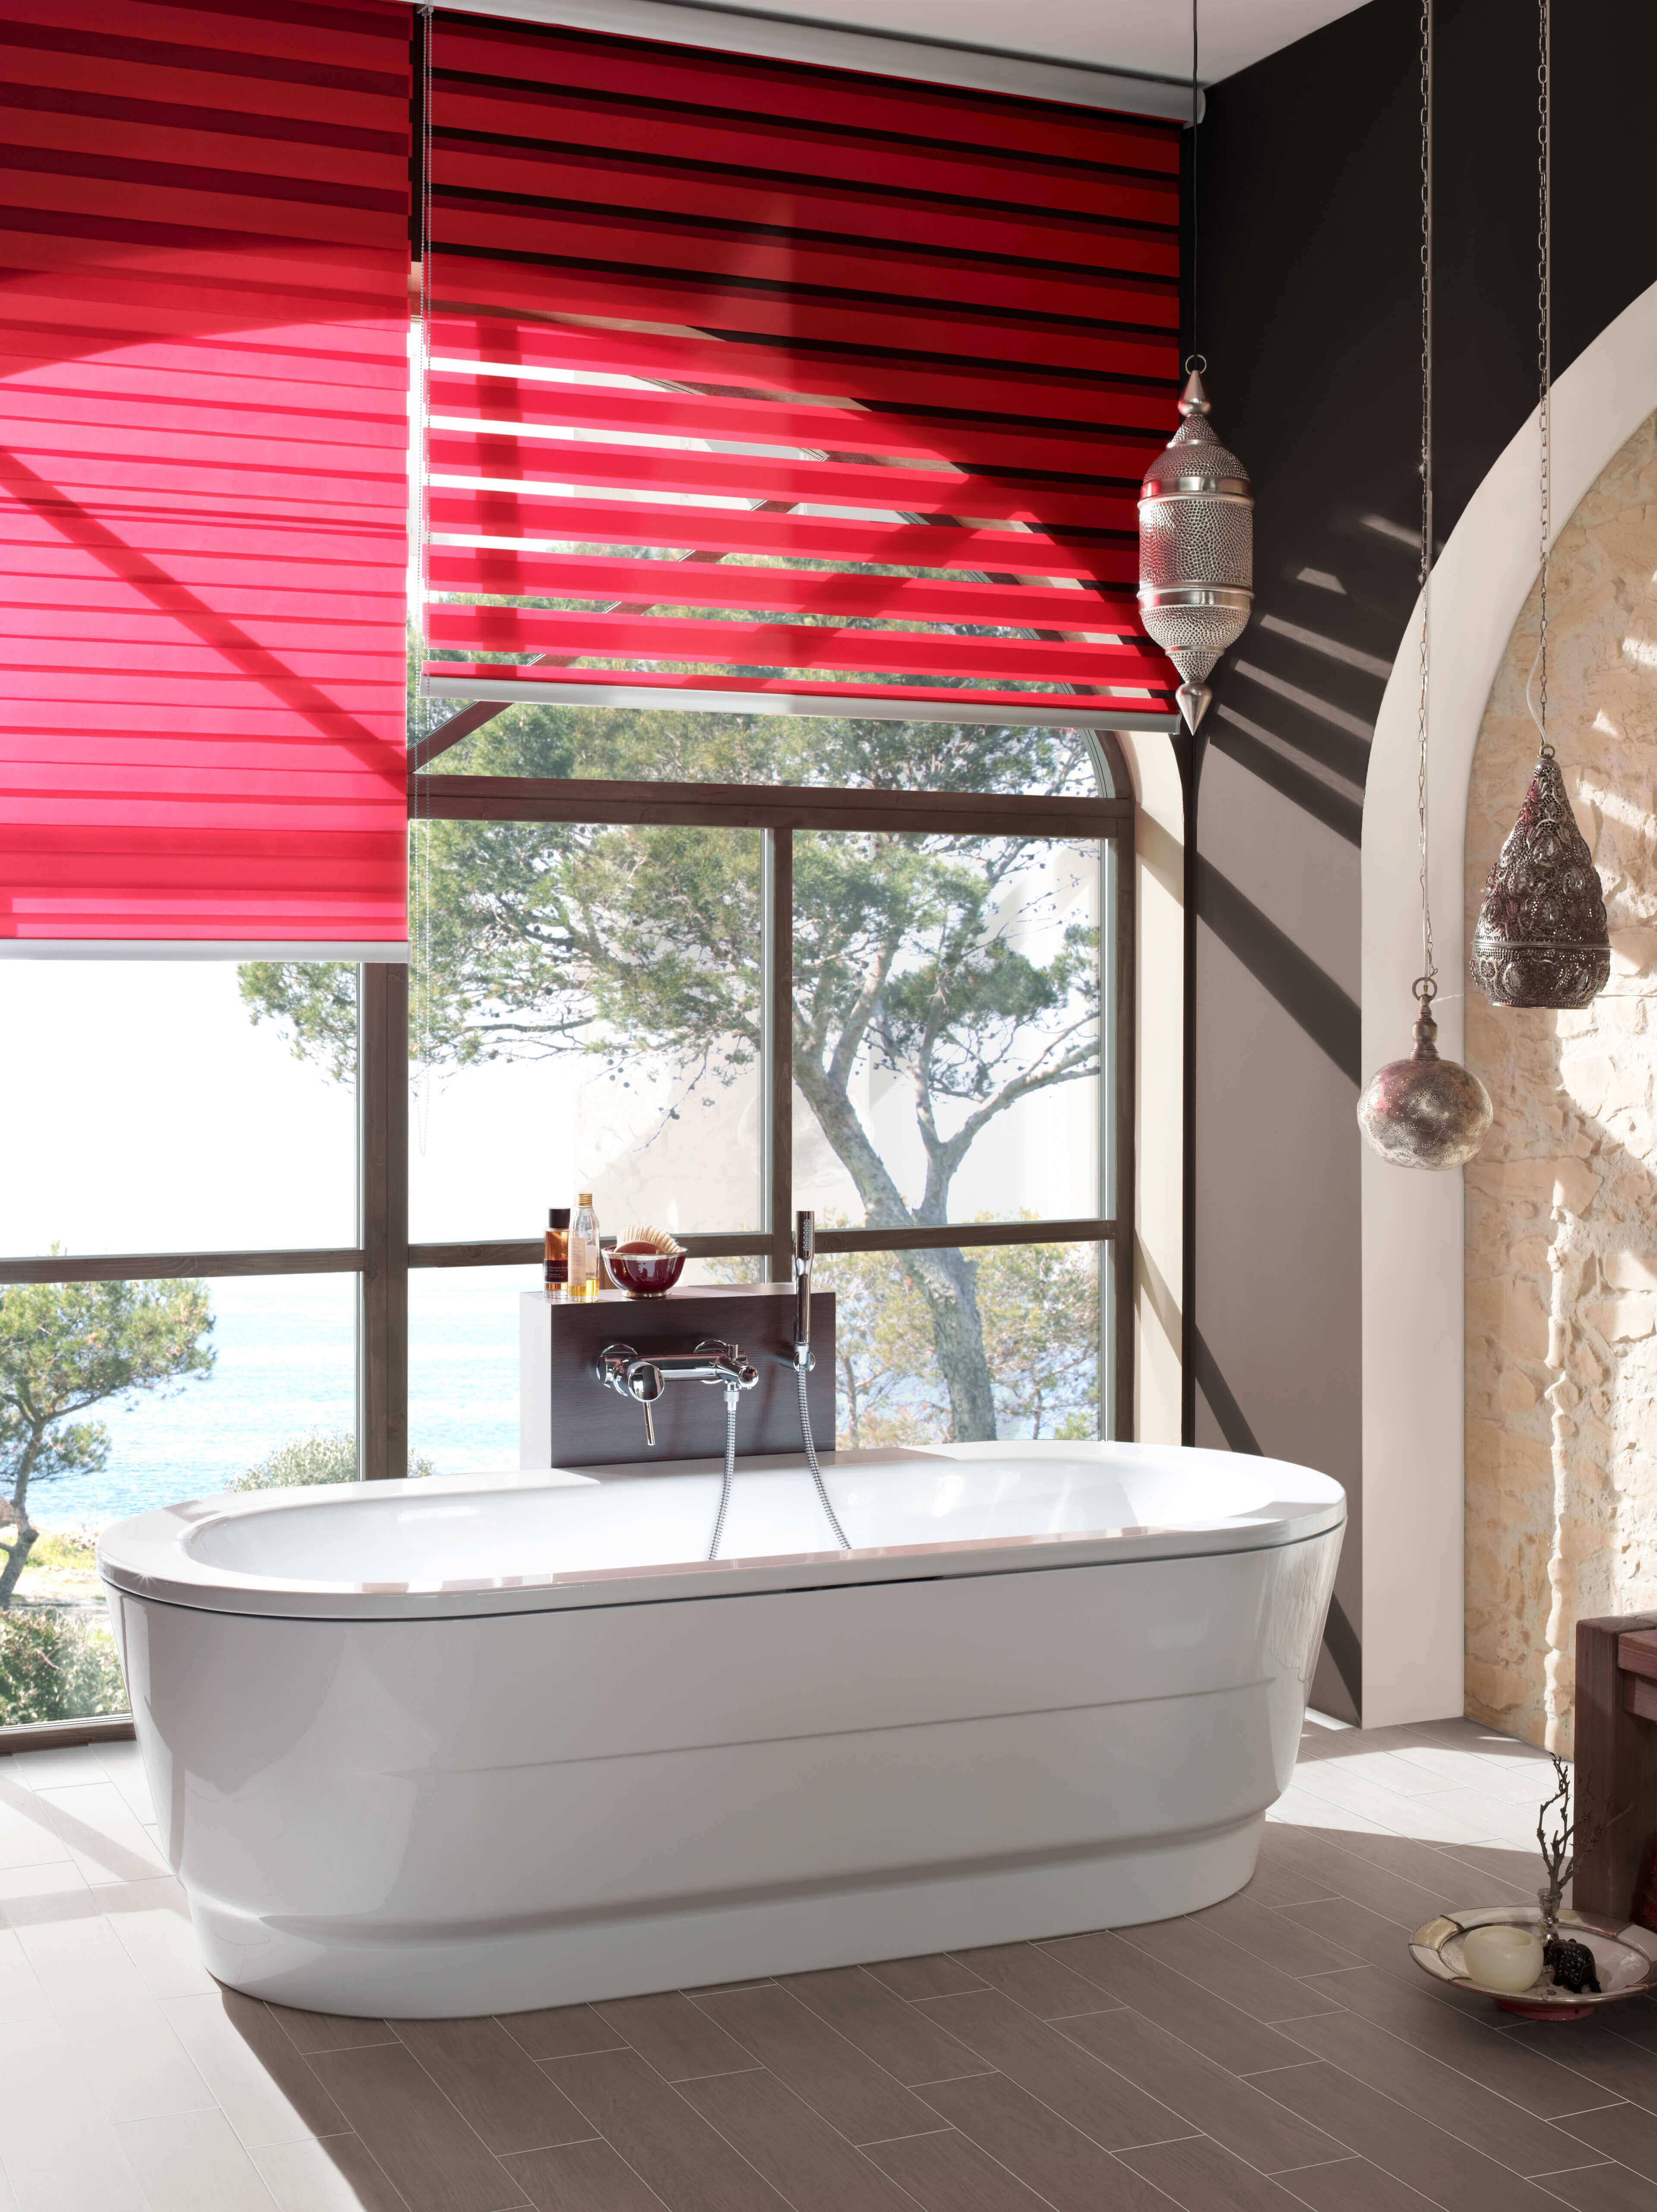 doppelrollos transparent oder blickdicht mit 5 jahren. Black Bedroom Furniture Sets. Home Design Ideas